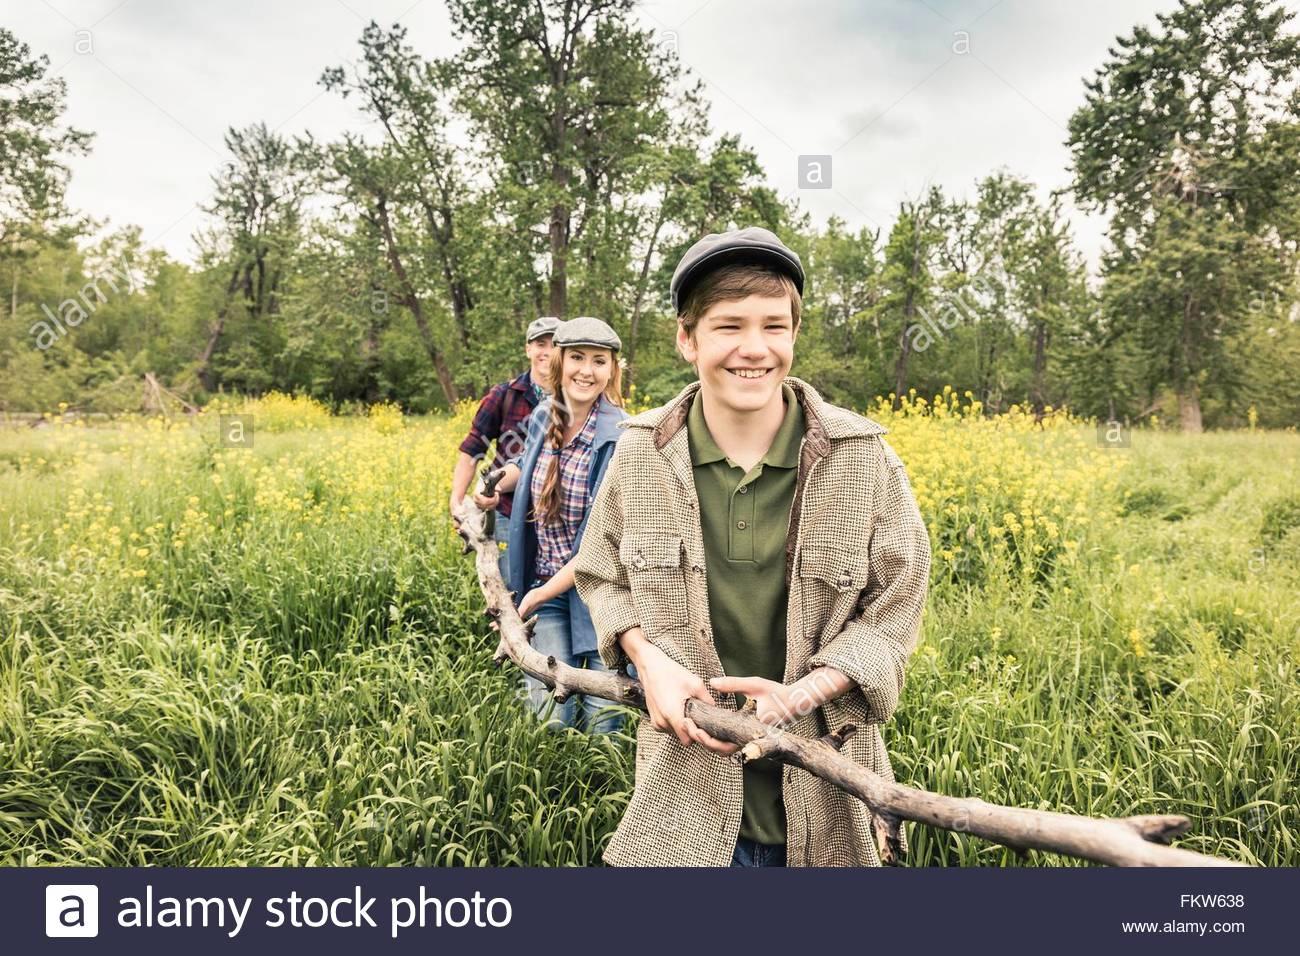 Junge Erwachsene und teenboy in hohe Gräser tragen Zweig lächelnd Stockbild